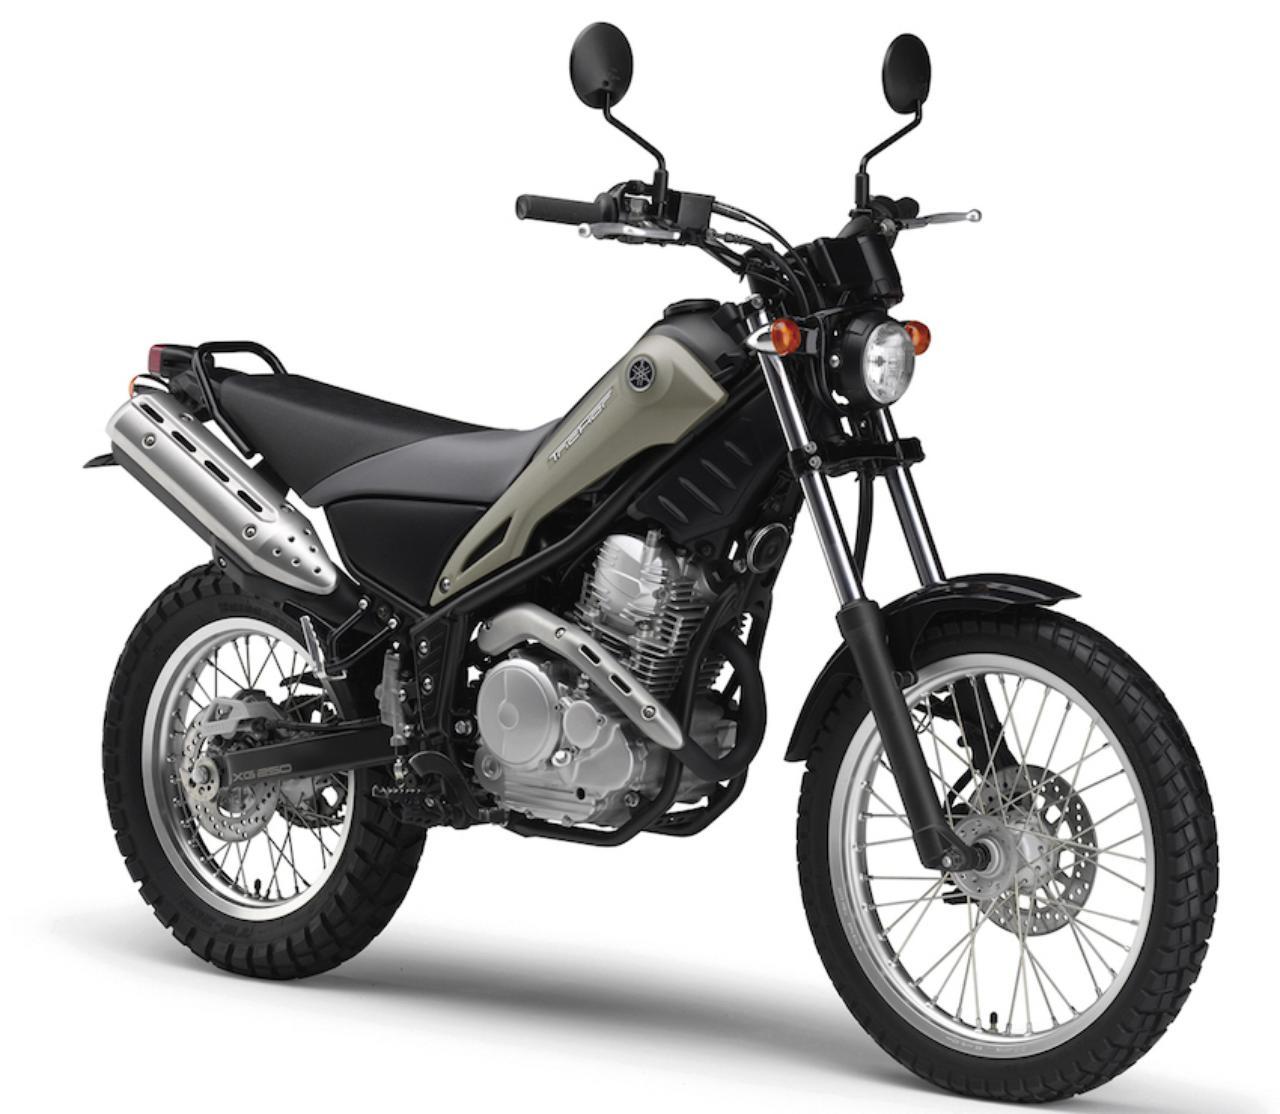 画像: Y041 YAMAHA TRICKER ■価格:42万7680円 セロー系の空冷単気筒エンジンとスリムな車体をベースに、トライアルマシンのような外装と、フロント19インチ・リア16インチのホイールを装着。懐の深いユニークなストリート系ファンバイク。